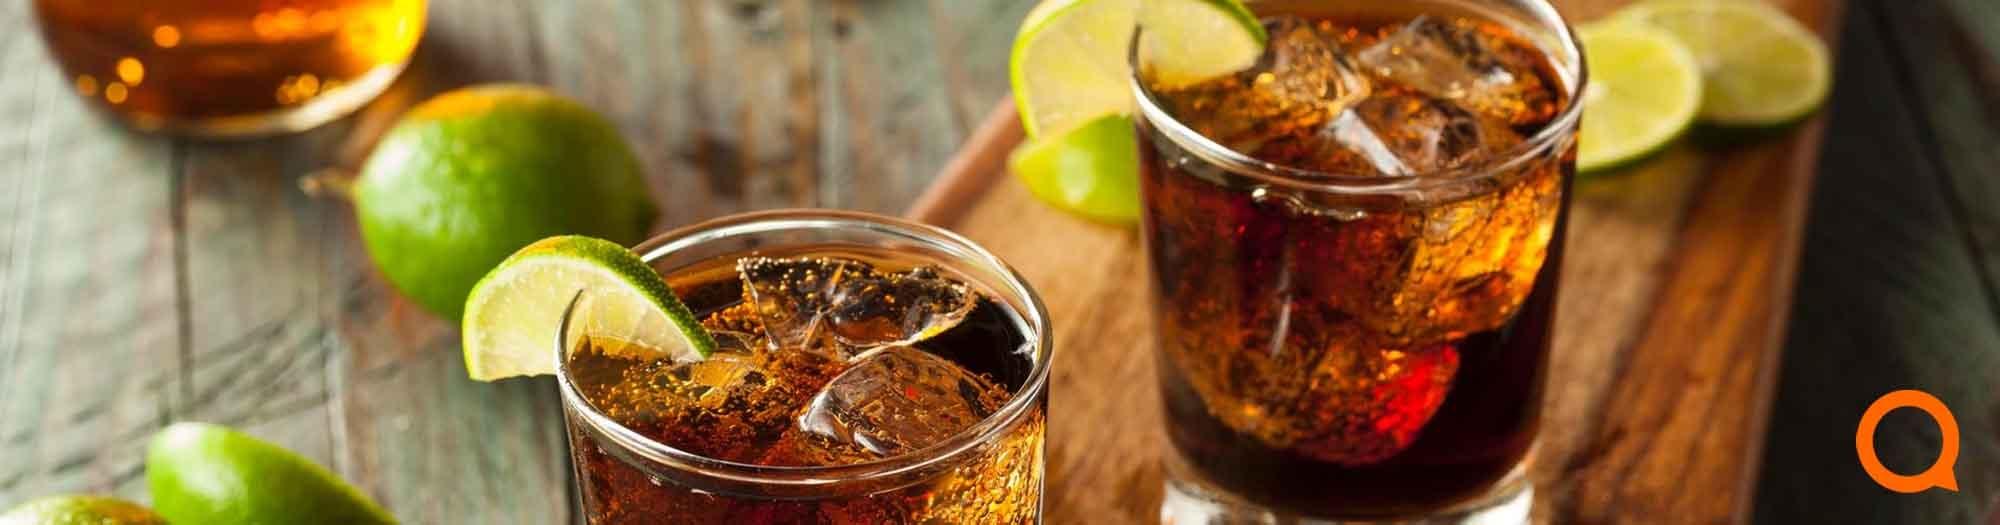 Bruine rum